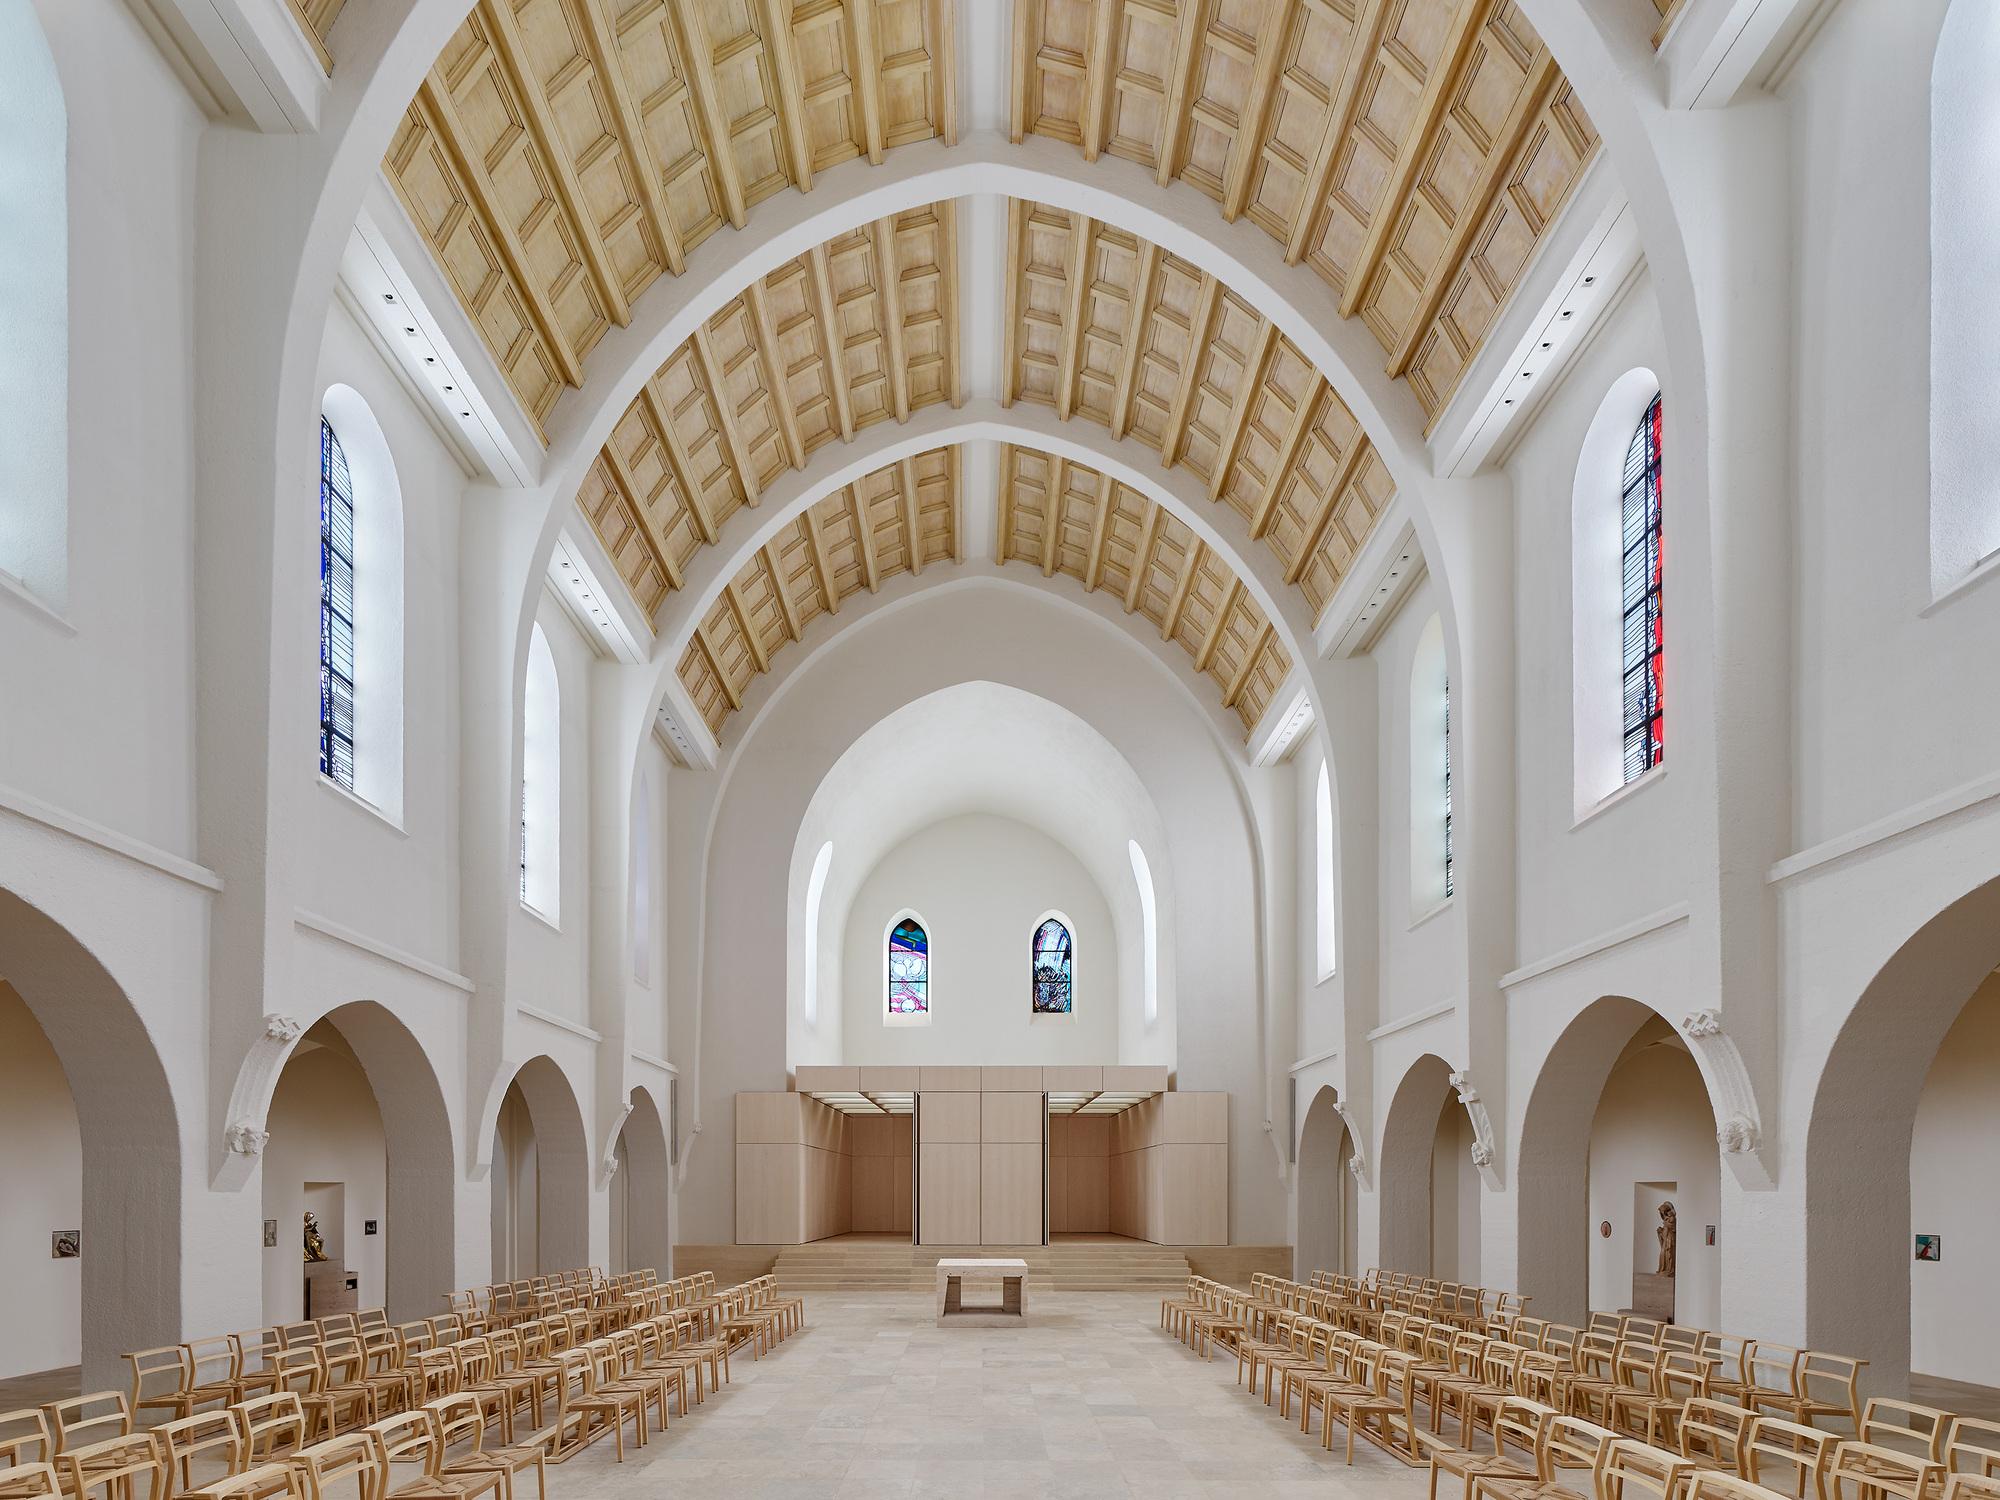 Church St. Fidelis in Stuttgart / Schleicher ragaller architekten